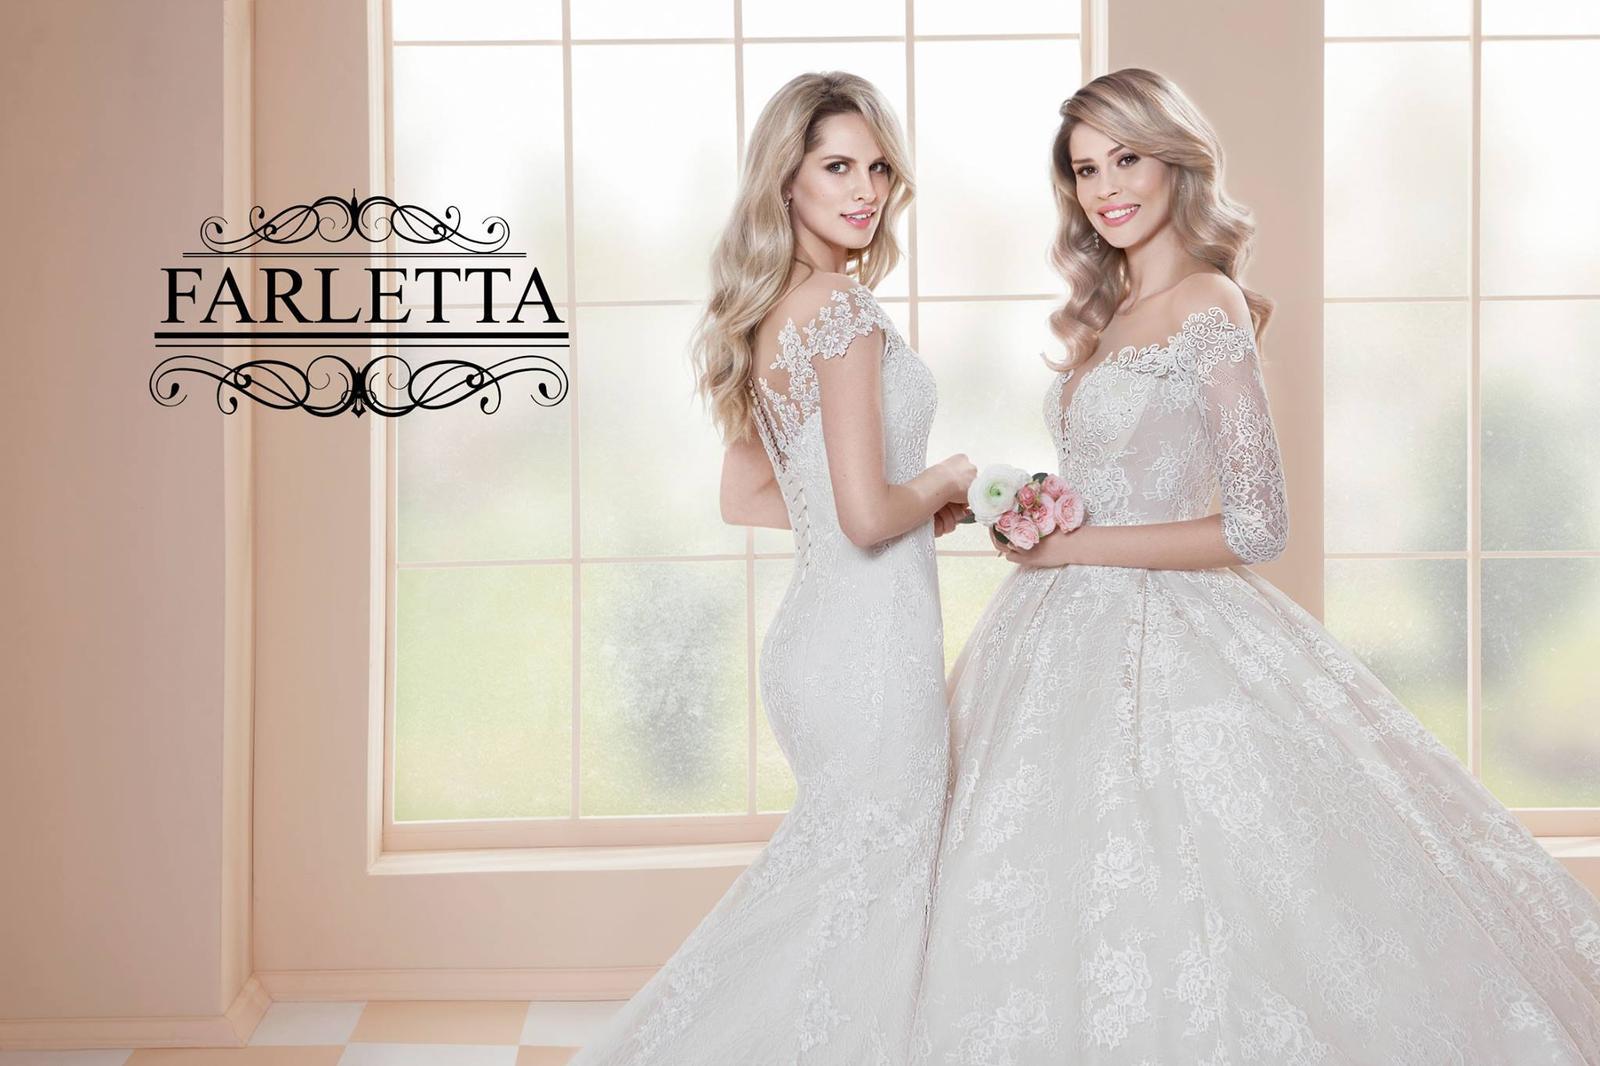 Farletta kolekce 2019 - Farletta kolekce White Star 2019